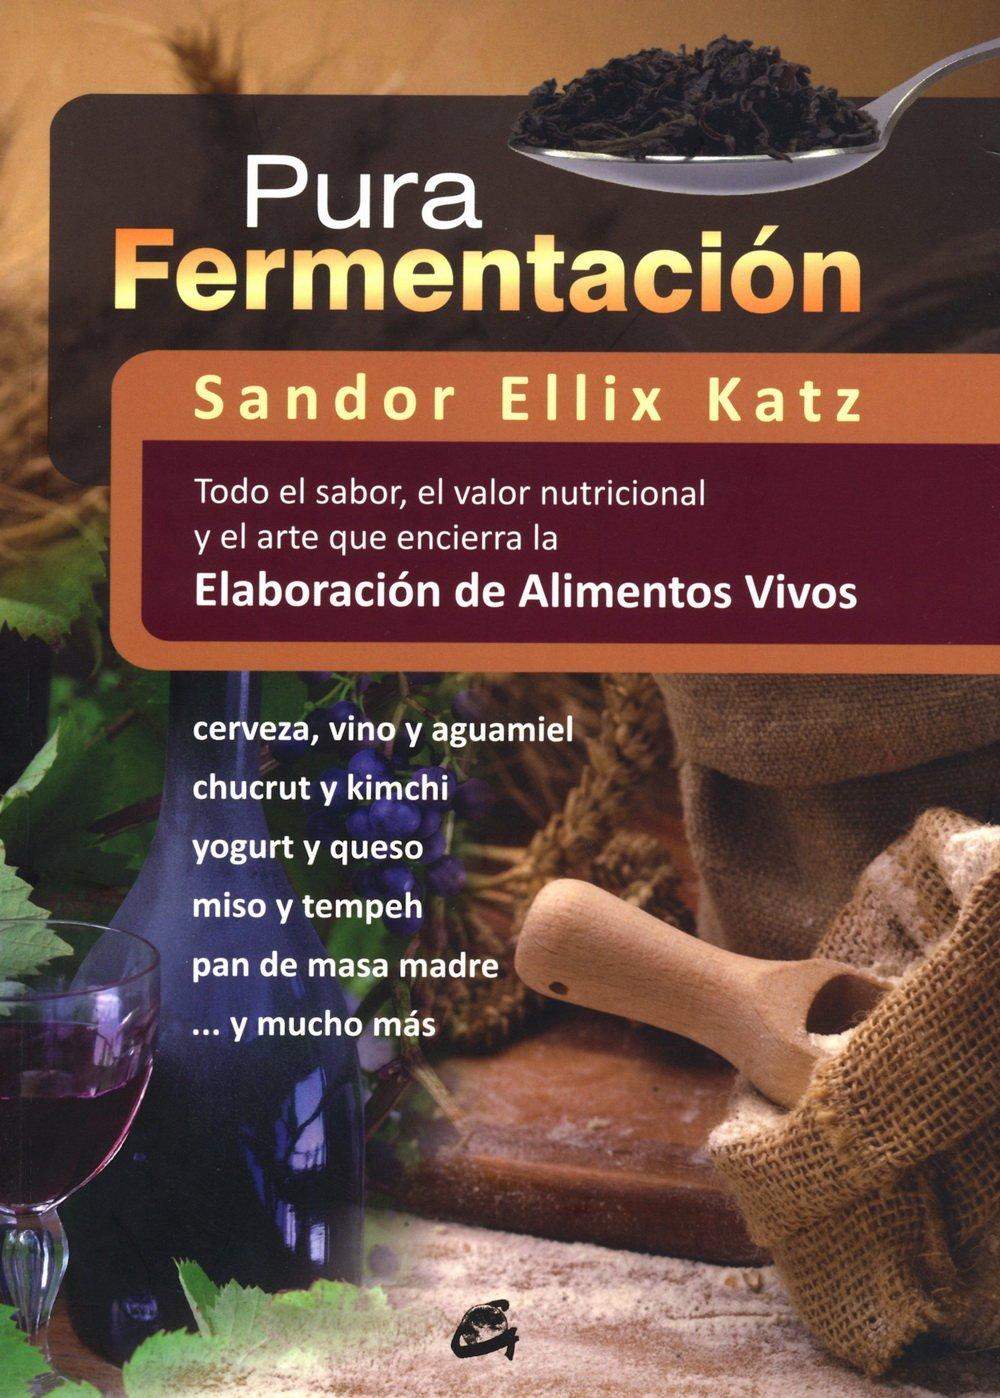 Resultado de imagen de pura fermentación